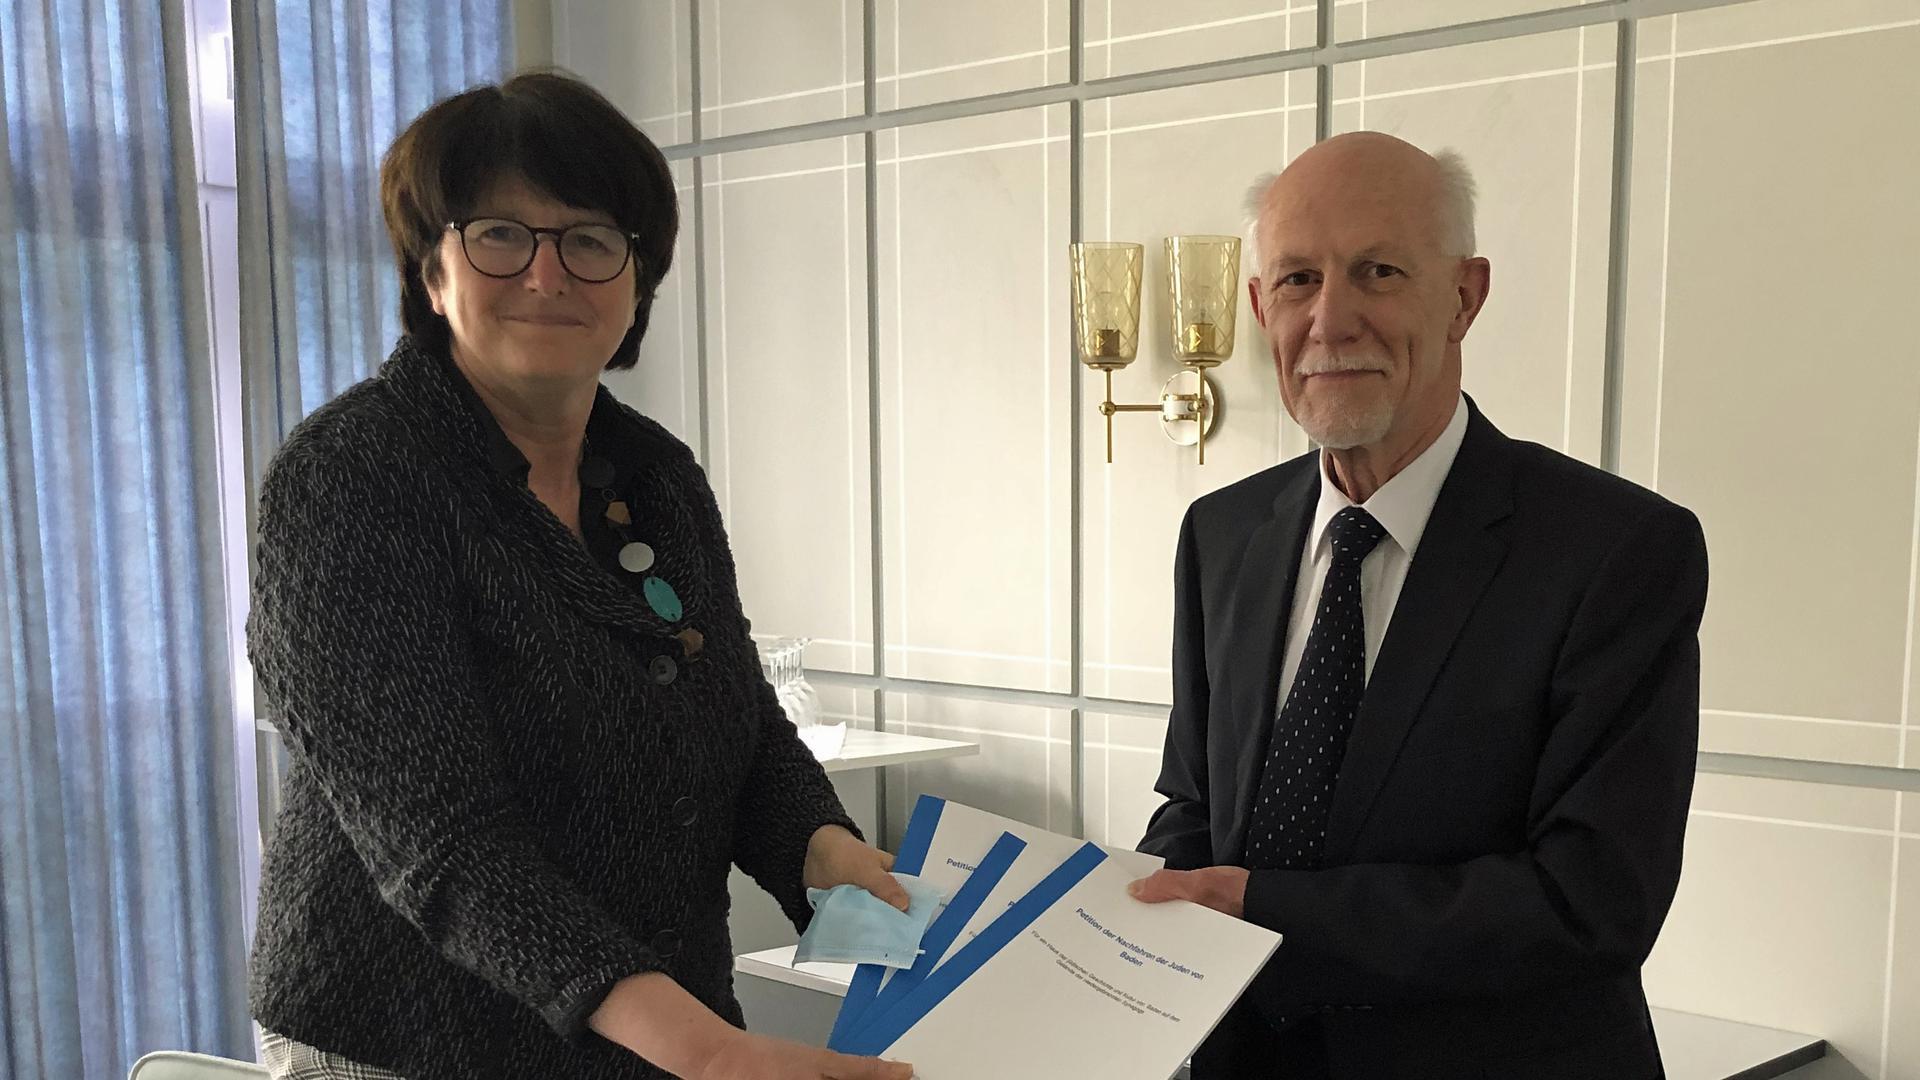 Feierlicher Moment: Günter Majewski hat stellvertretend für über 100 jüdische Angehörige mit Bruchsaler Wurzeln eine Petition zur Nachnutzung des Synagogengeländes an Bruchsals Oberbürgermeisterin Cornelia Petzold-Schick überreicht.